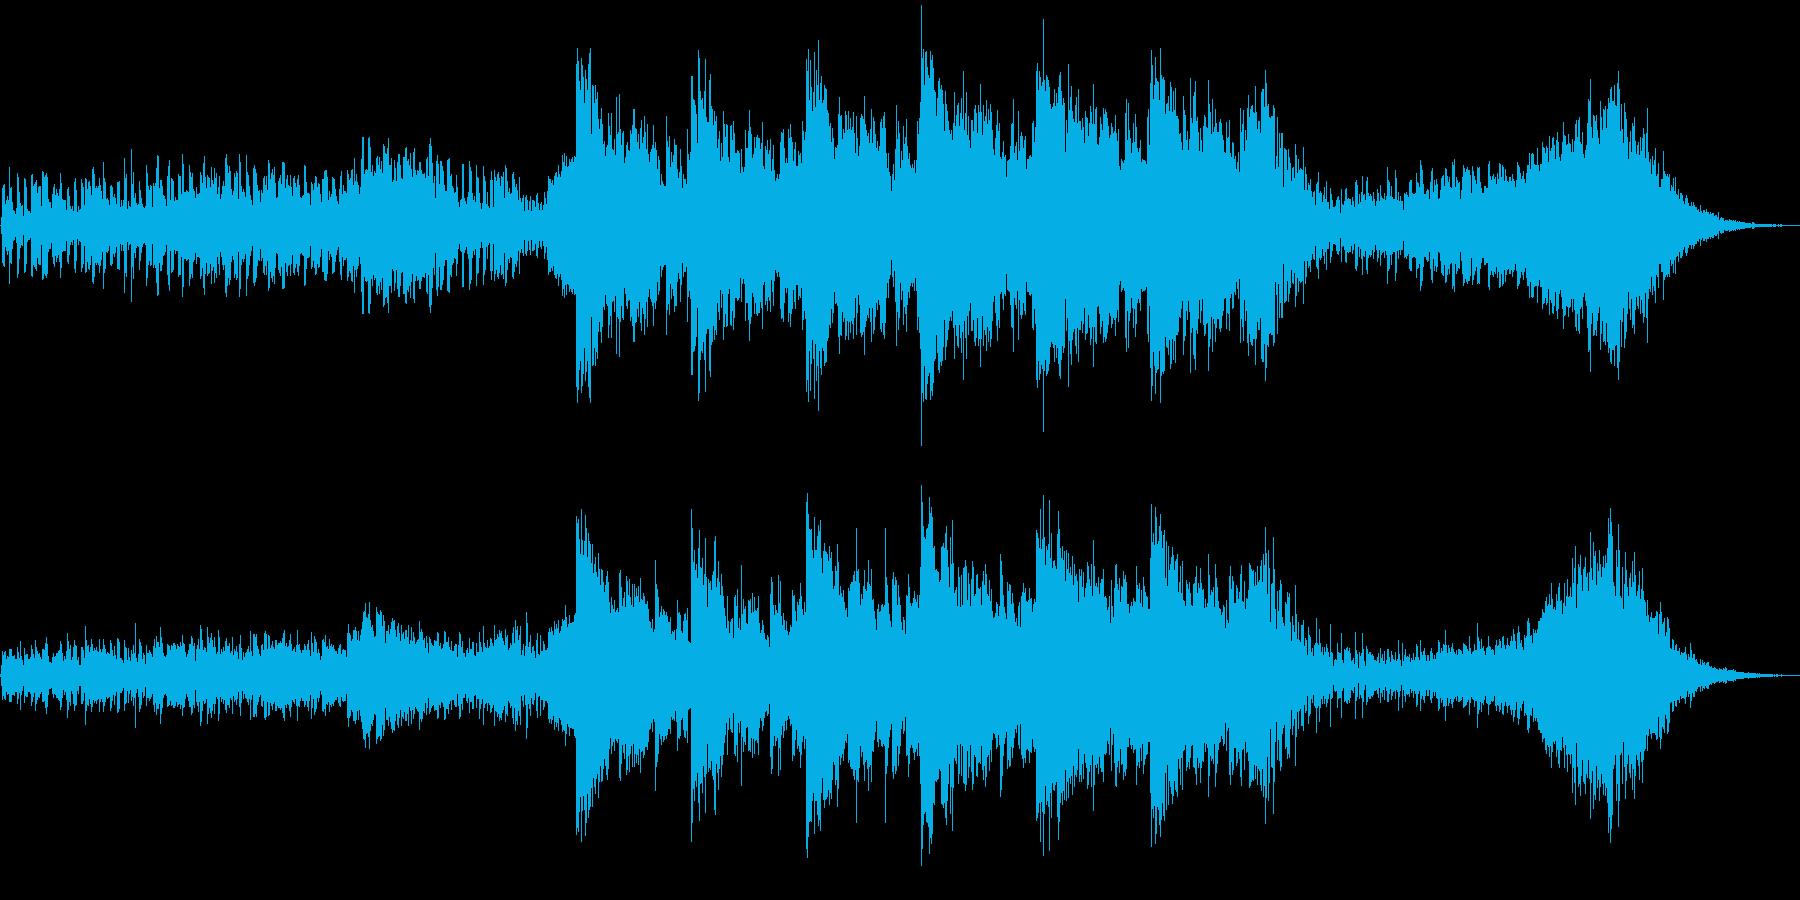 オラオラオラオラオラオラオラオラオラオラの再生済みの波形